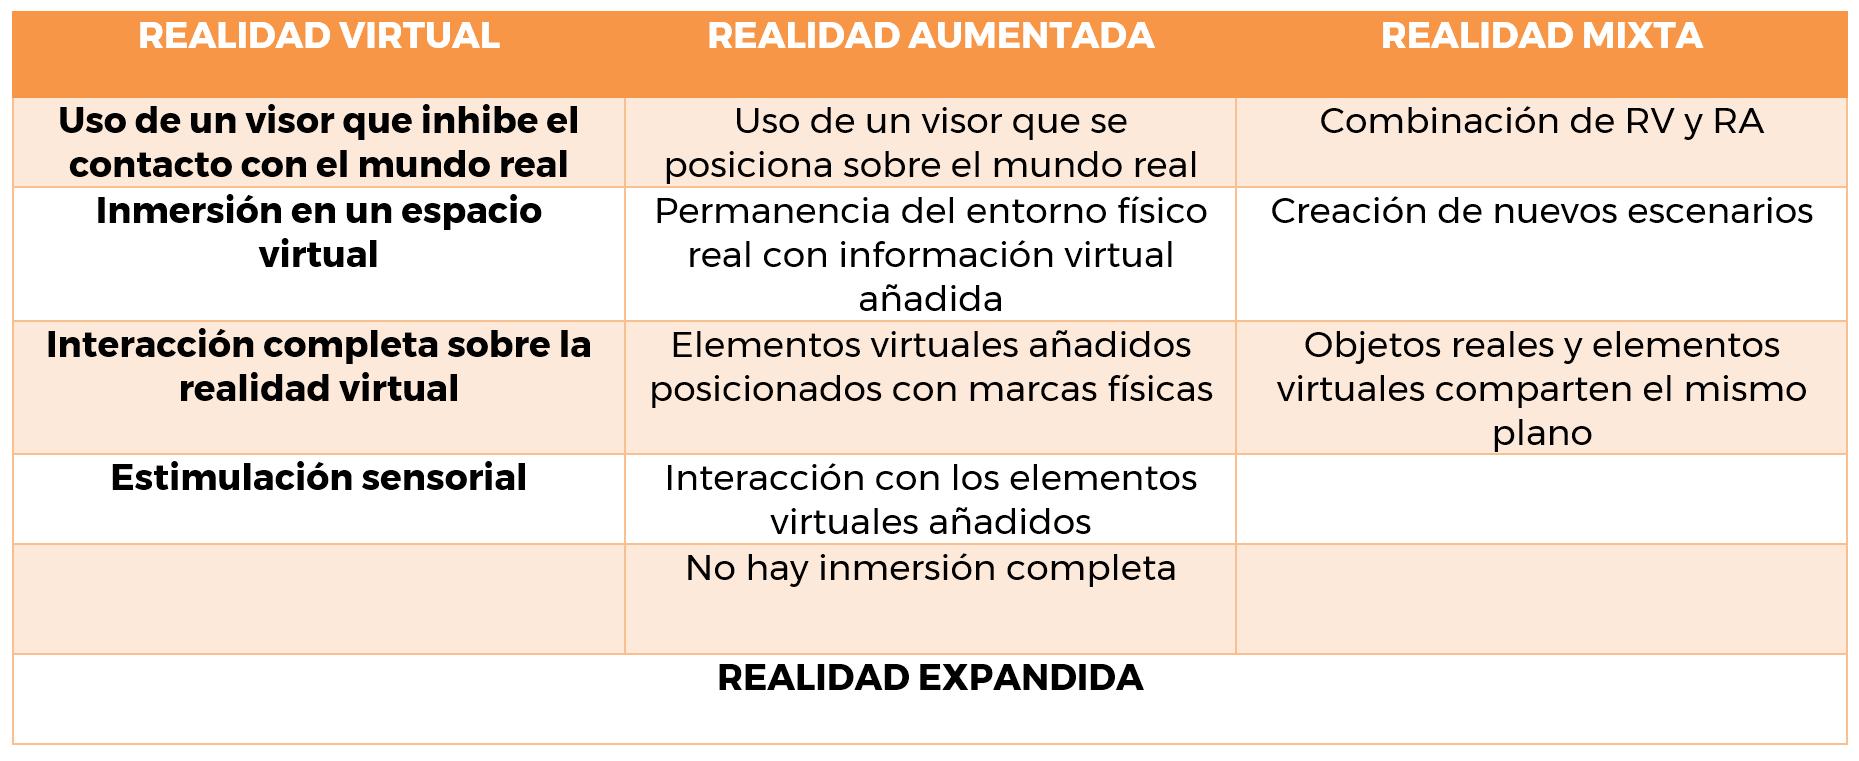 Realidad expandida